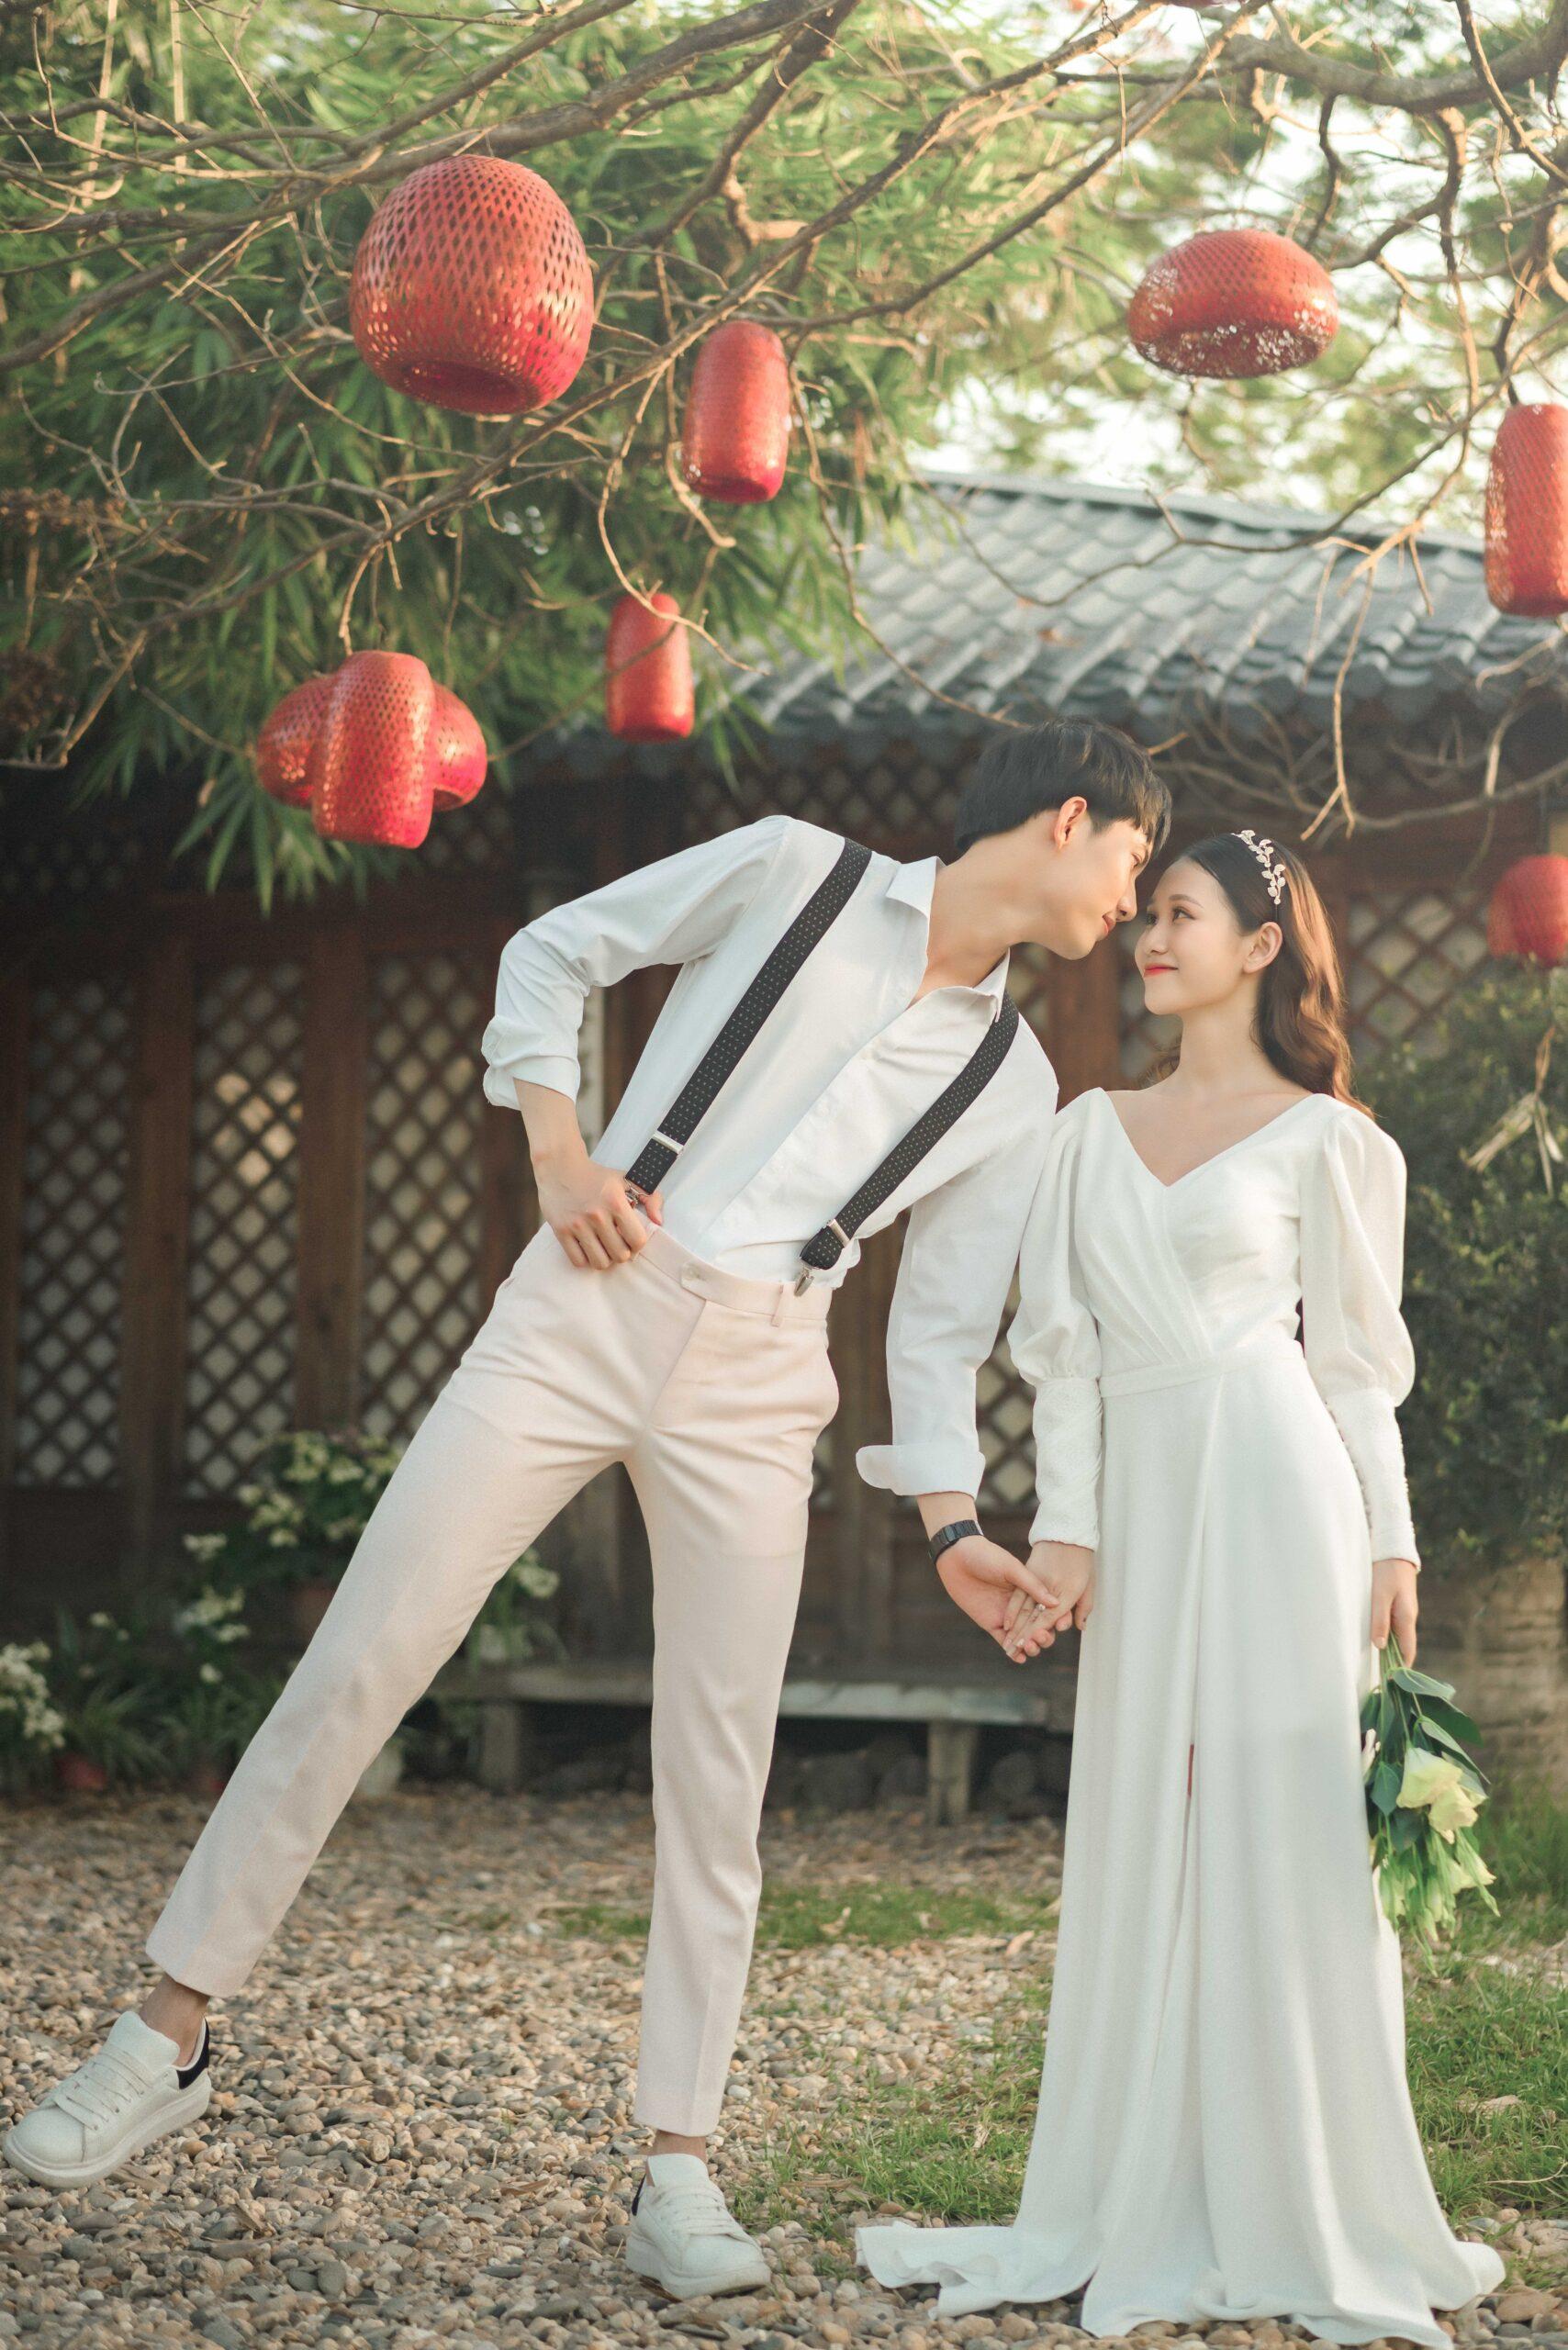 giá chụp ảnh cưới phim trường